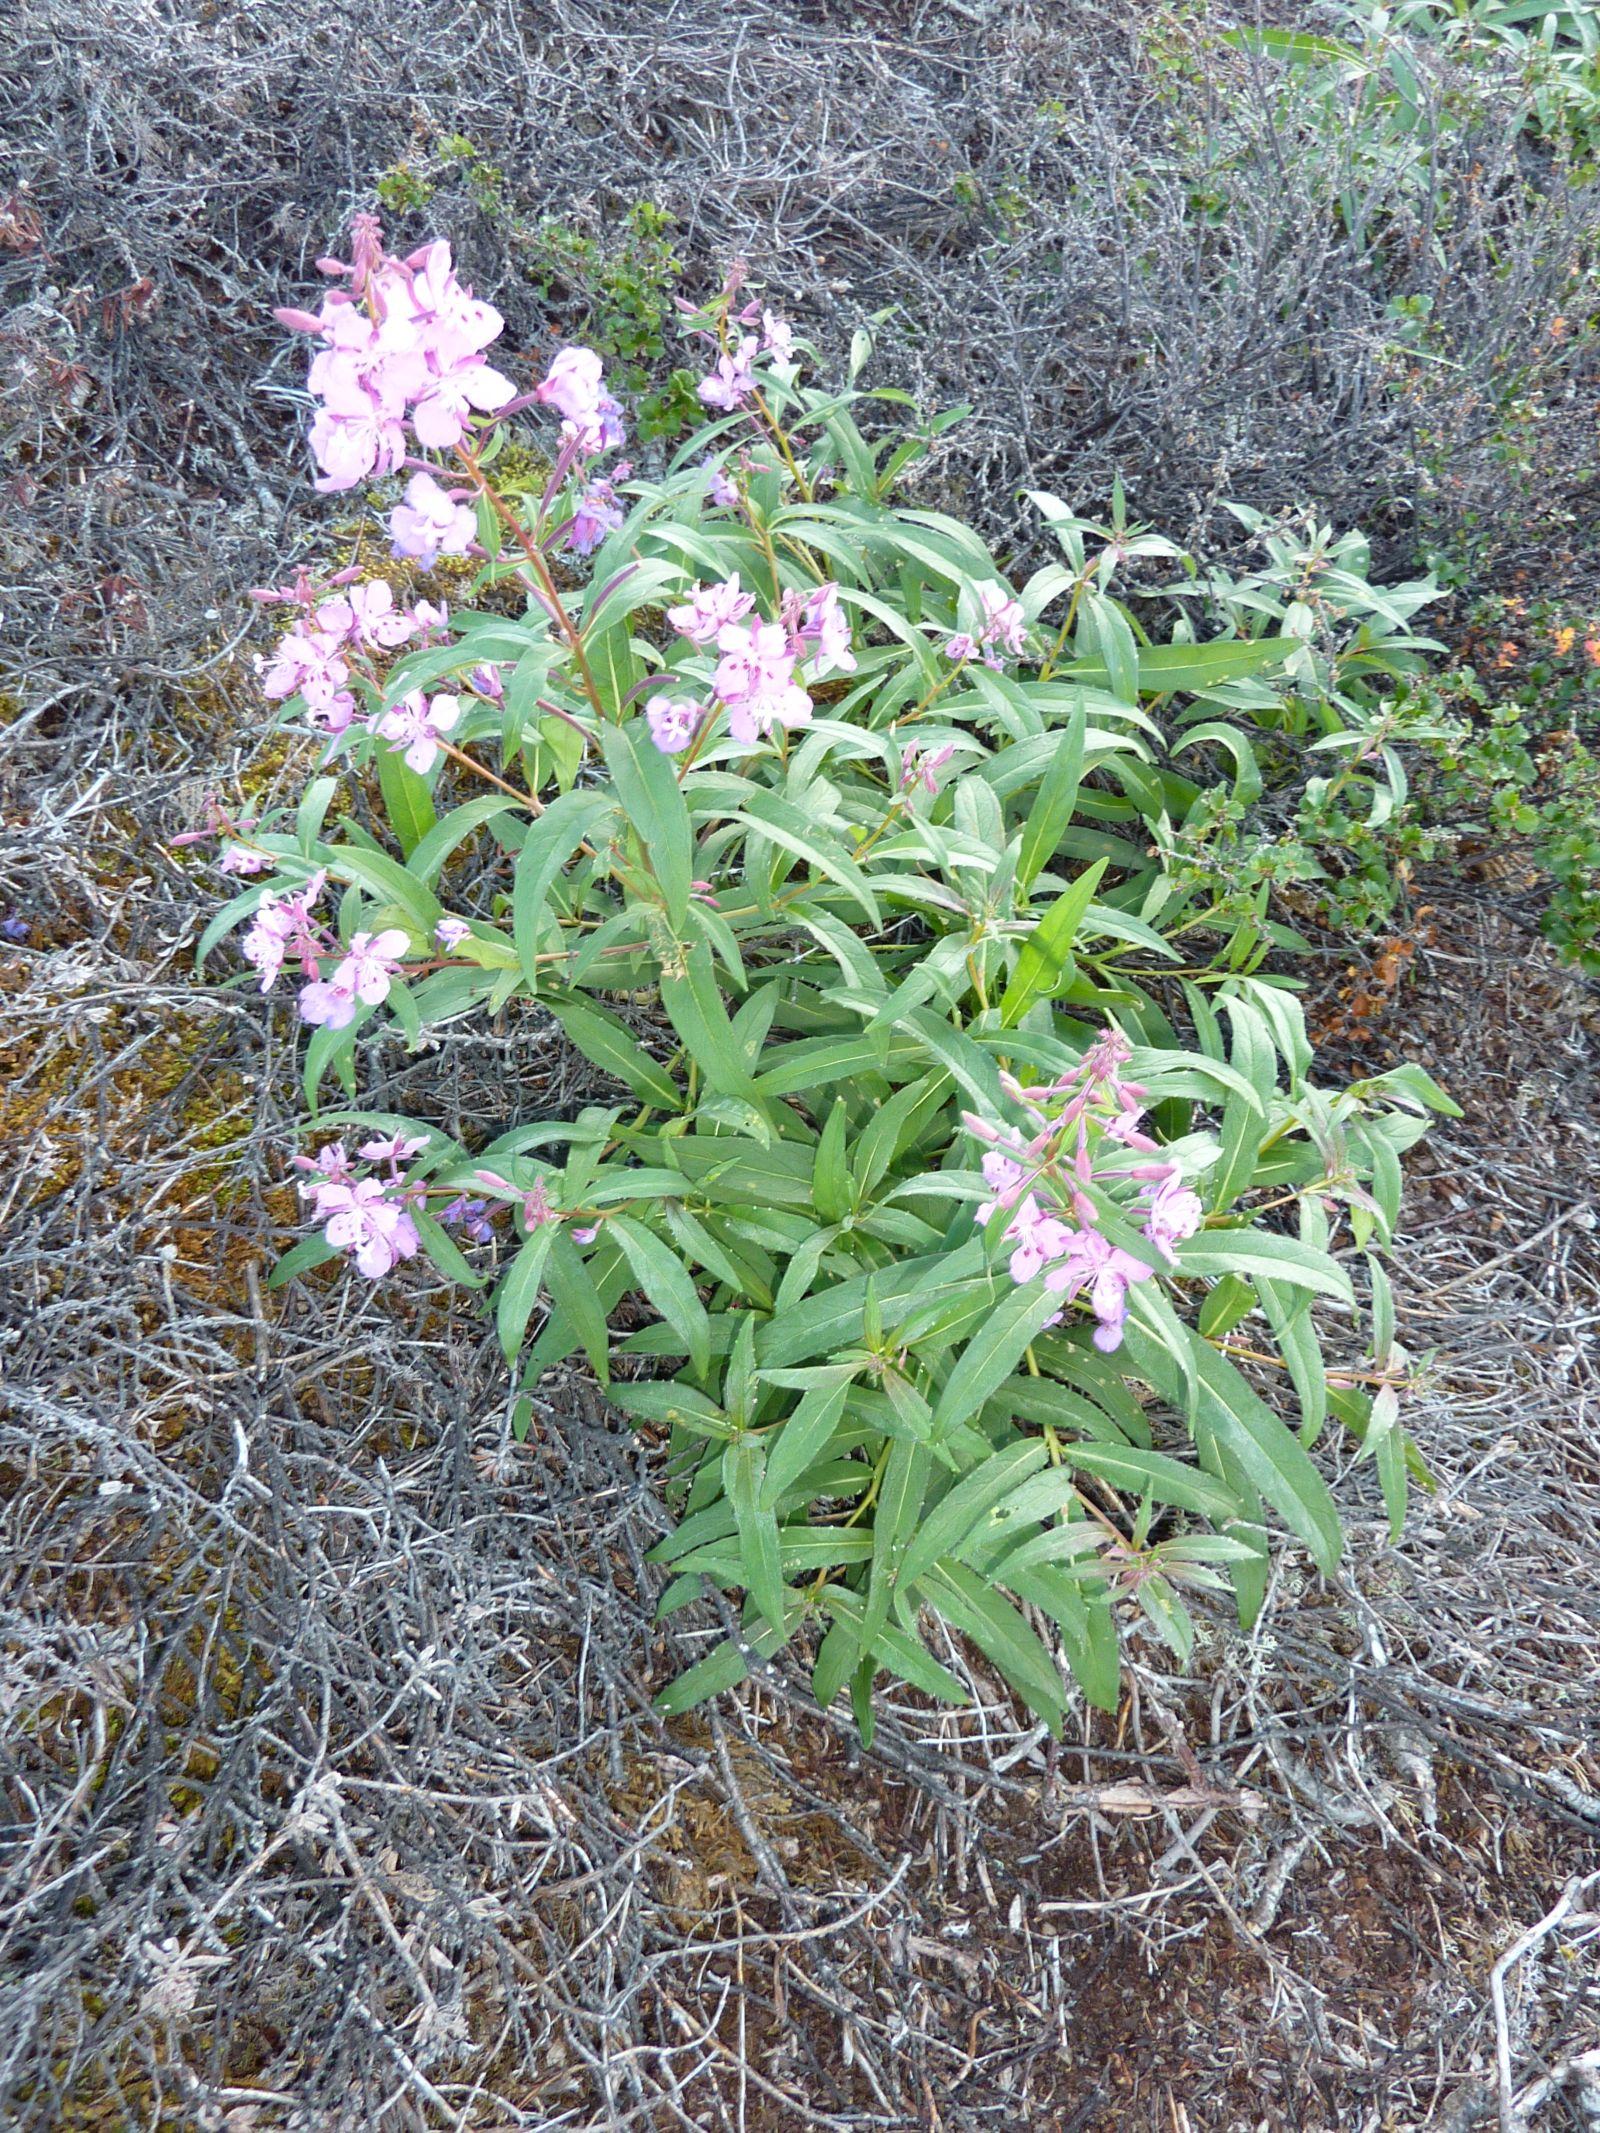 2010-09-04-0756_-_Vegetation